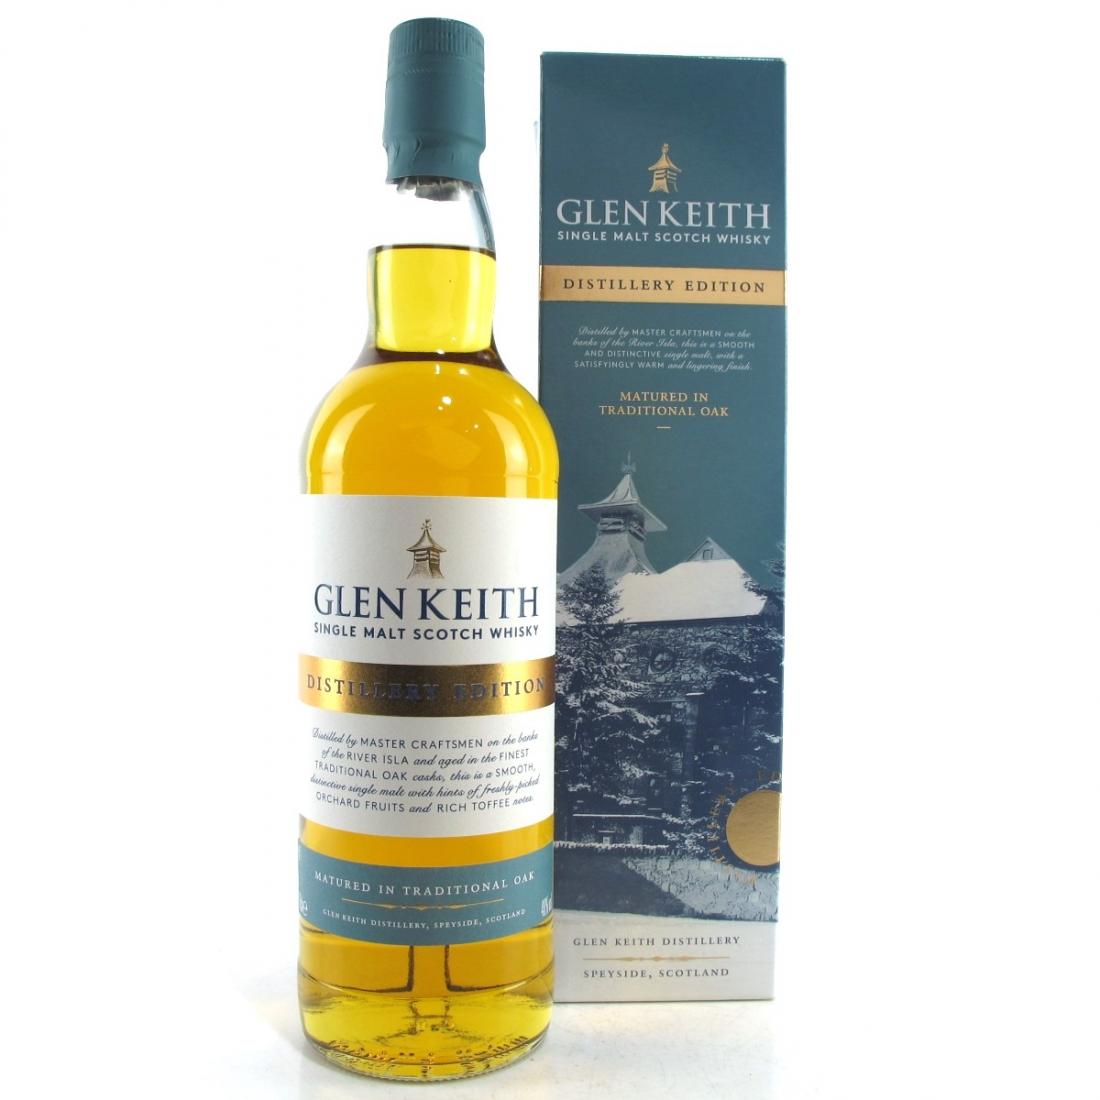 Glen Keith Distillery Edition